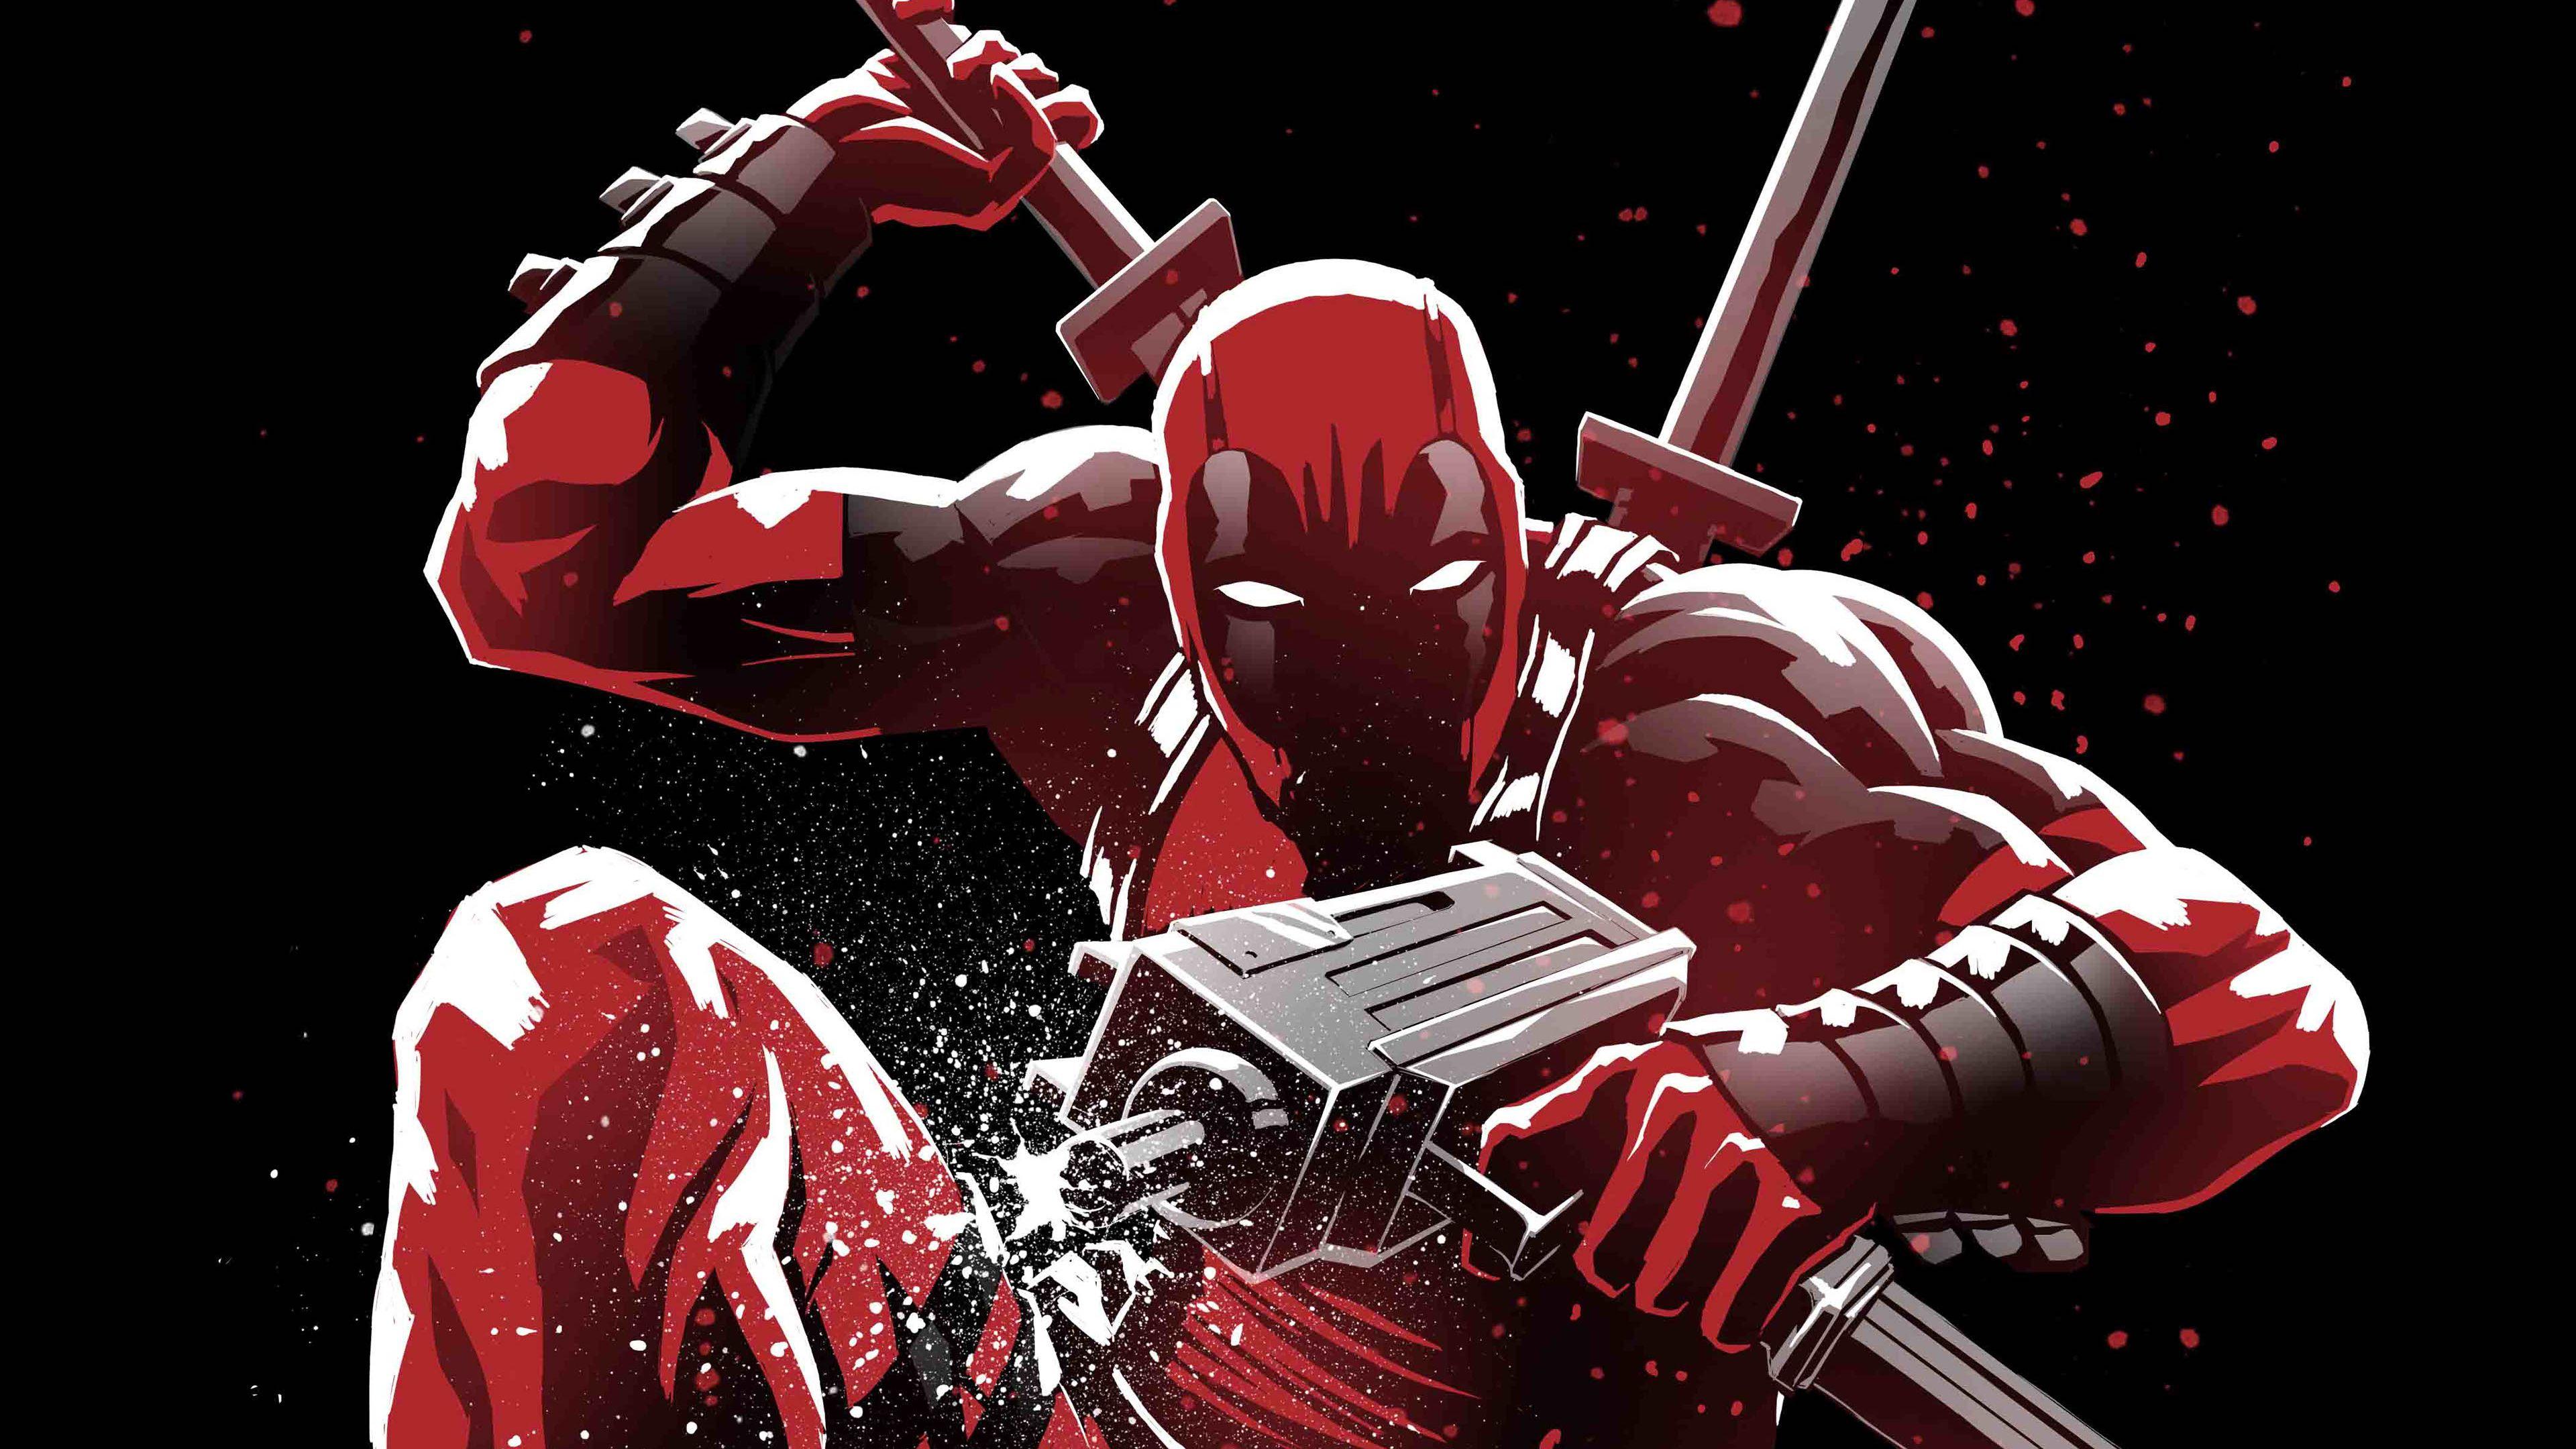 4k Deadpool Superheroes Wallpapers Hd Wallpapers Digital Art